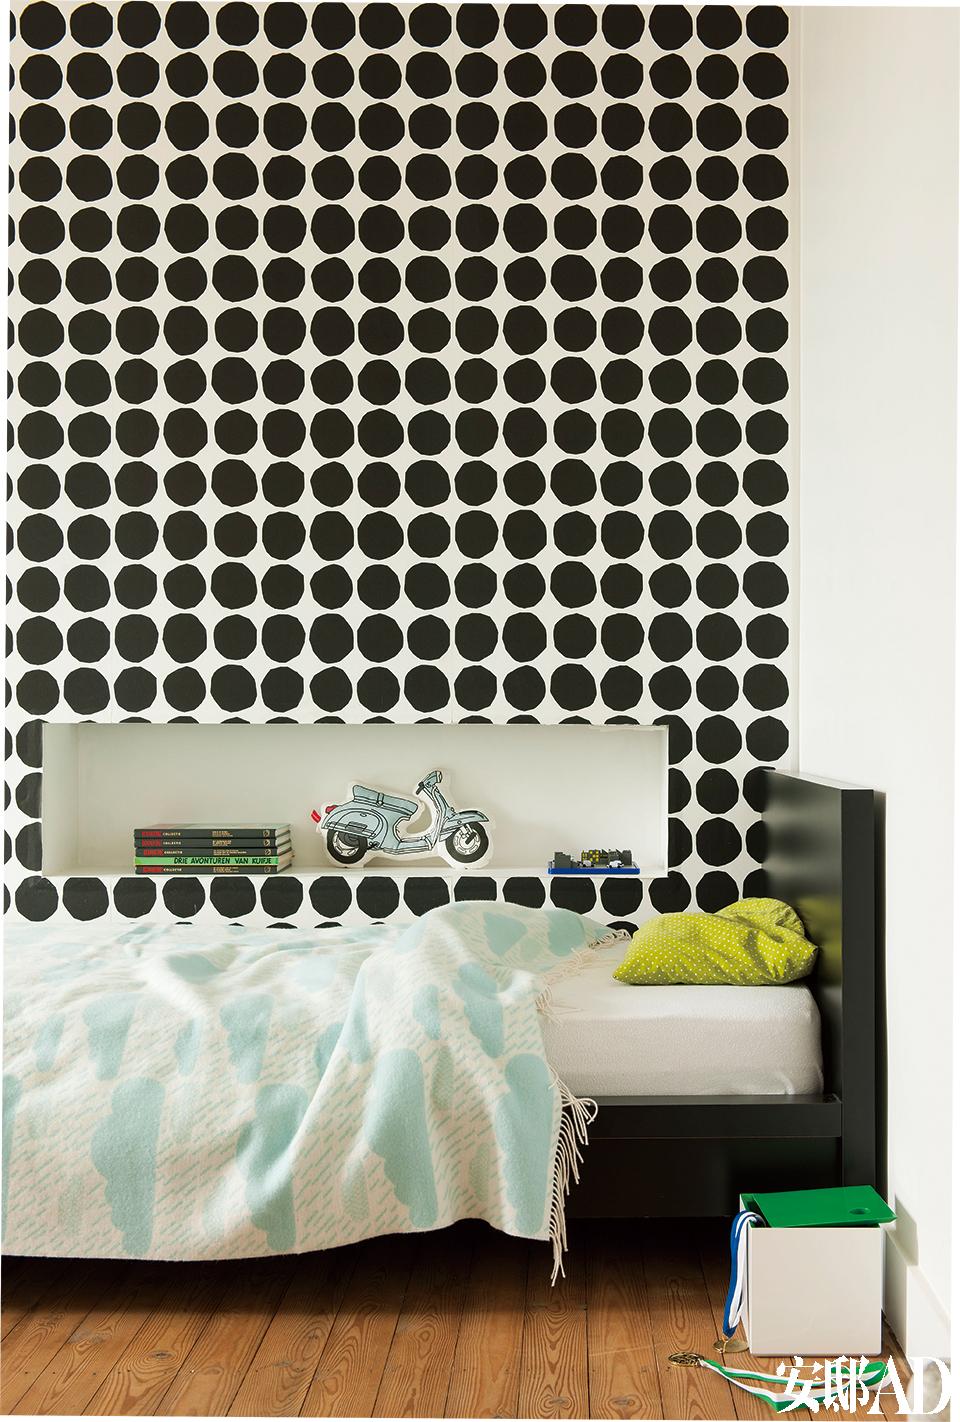 Edgar的房间,装饰理念跟Julia的如出一辙,用来掩盖烟囱的假墙壁龛的设计很新颖,只是壁纸波点换成了黑色。